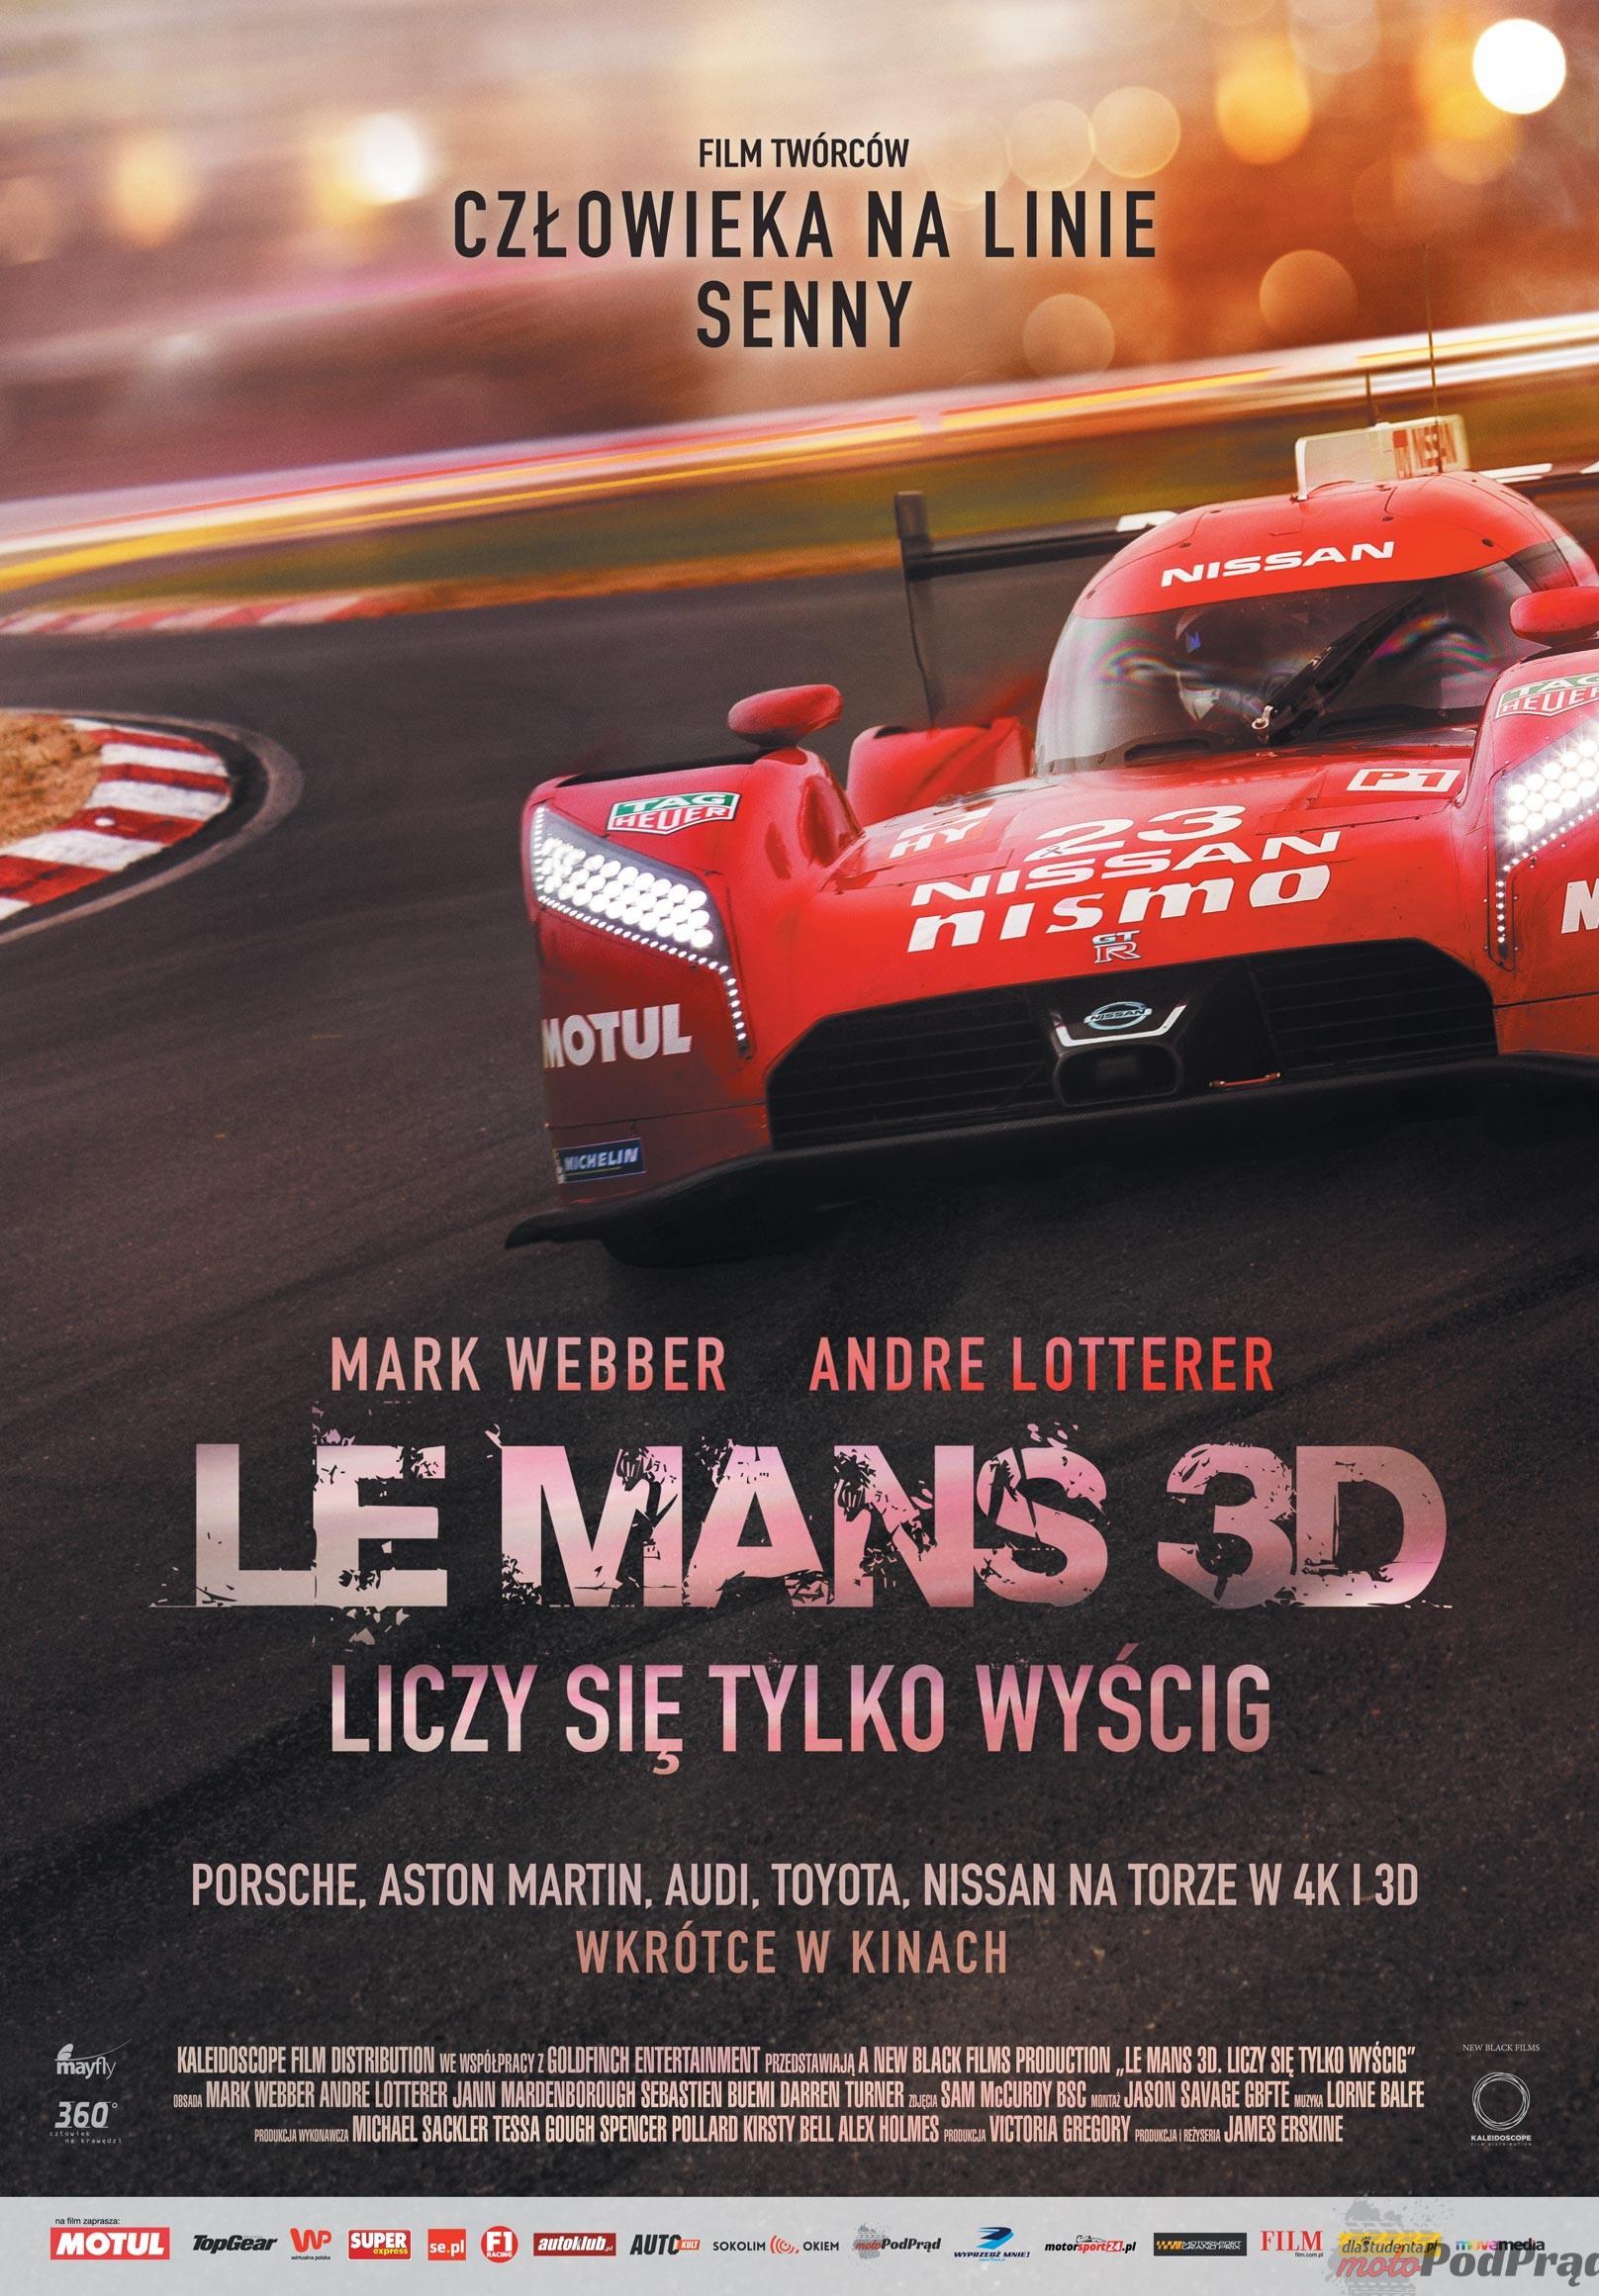 lemans3D 1616x2321 Film: Le Mans 3D